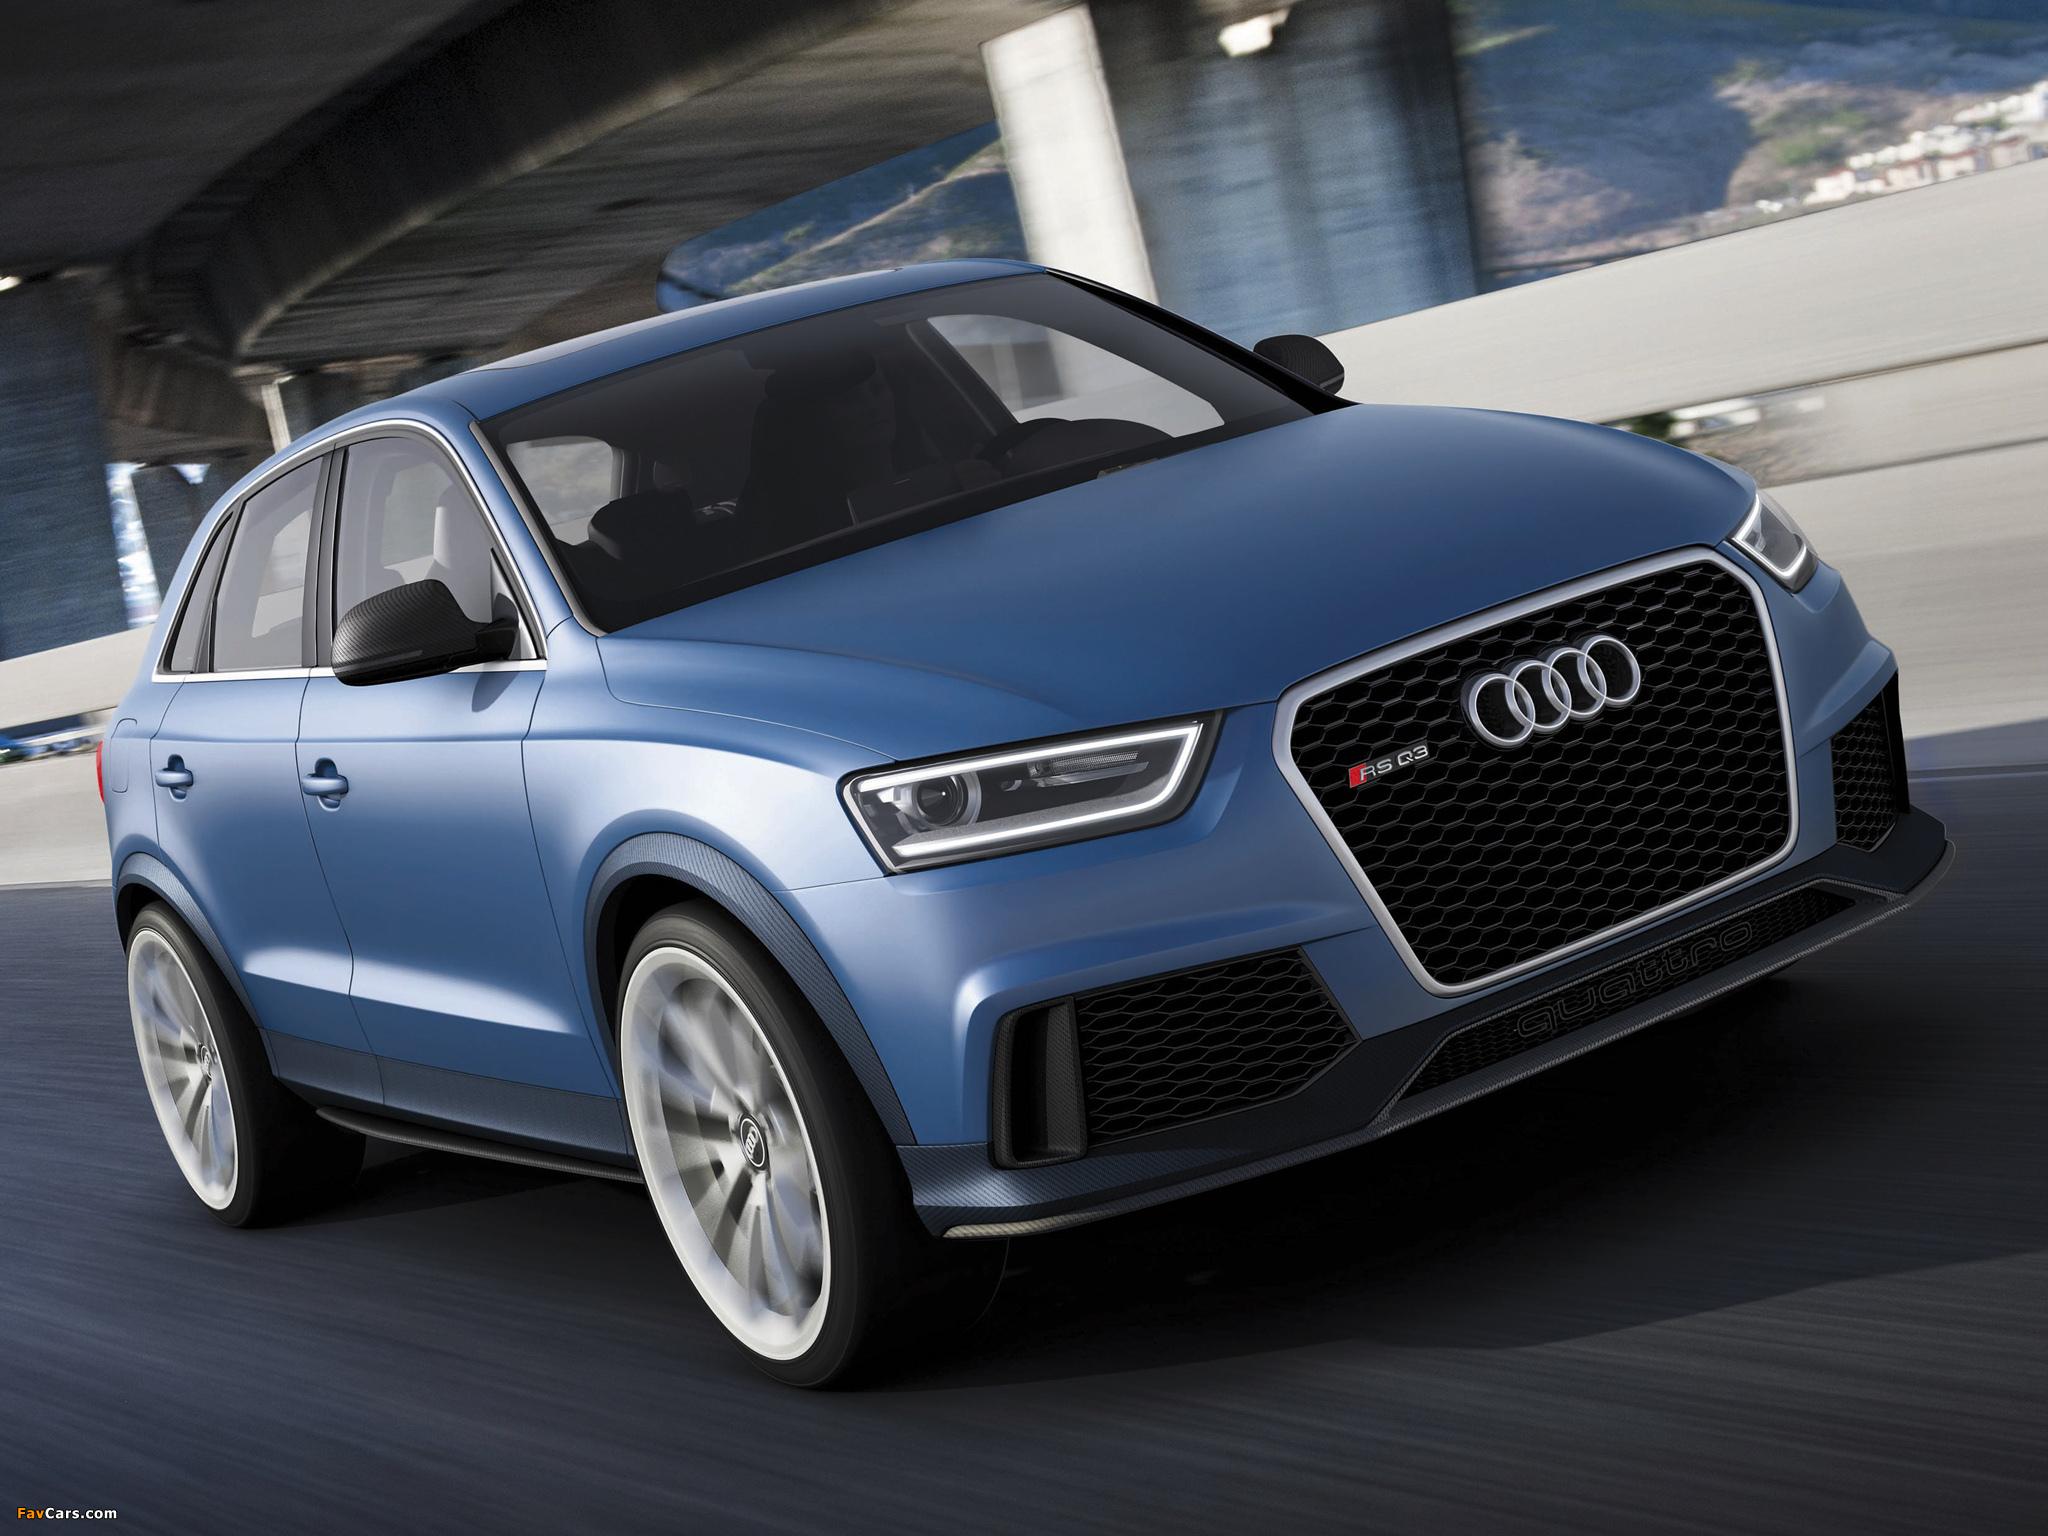 Audi RS Q3 Concept 2012 images (2048 x 1536)